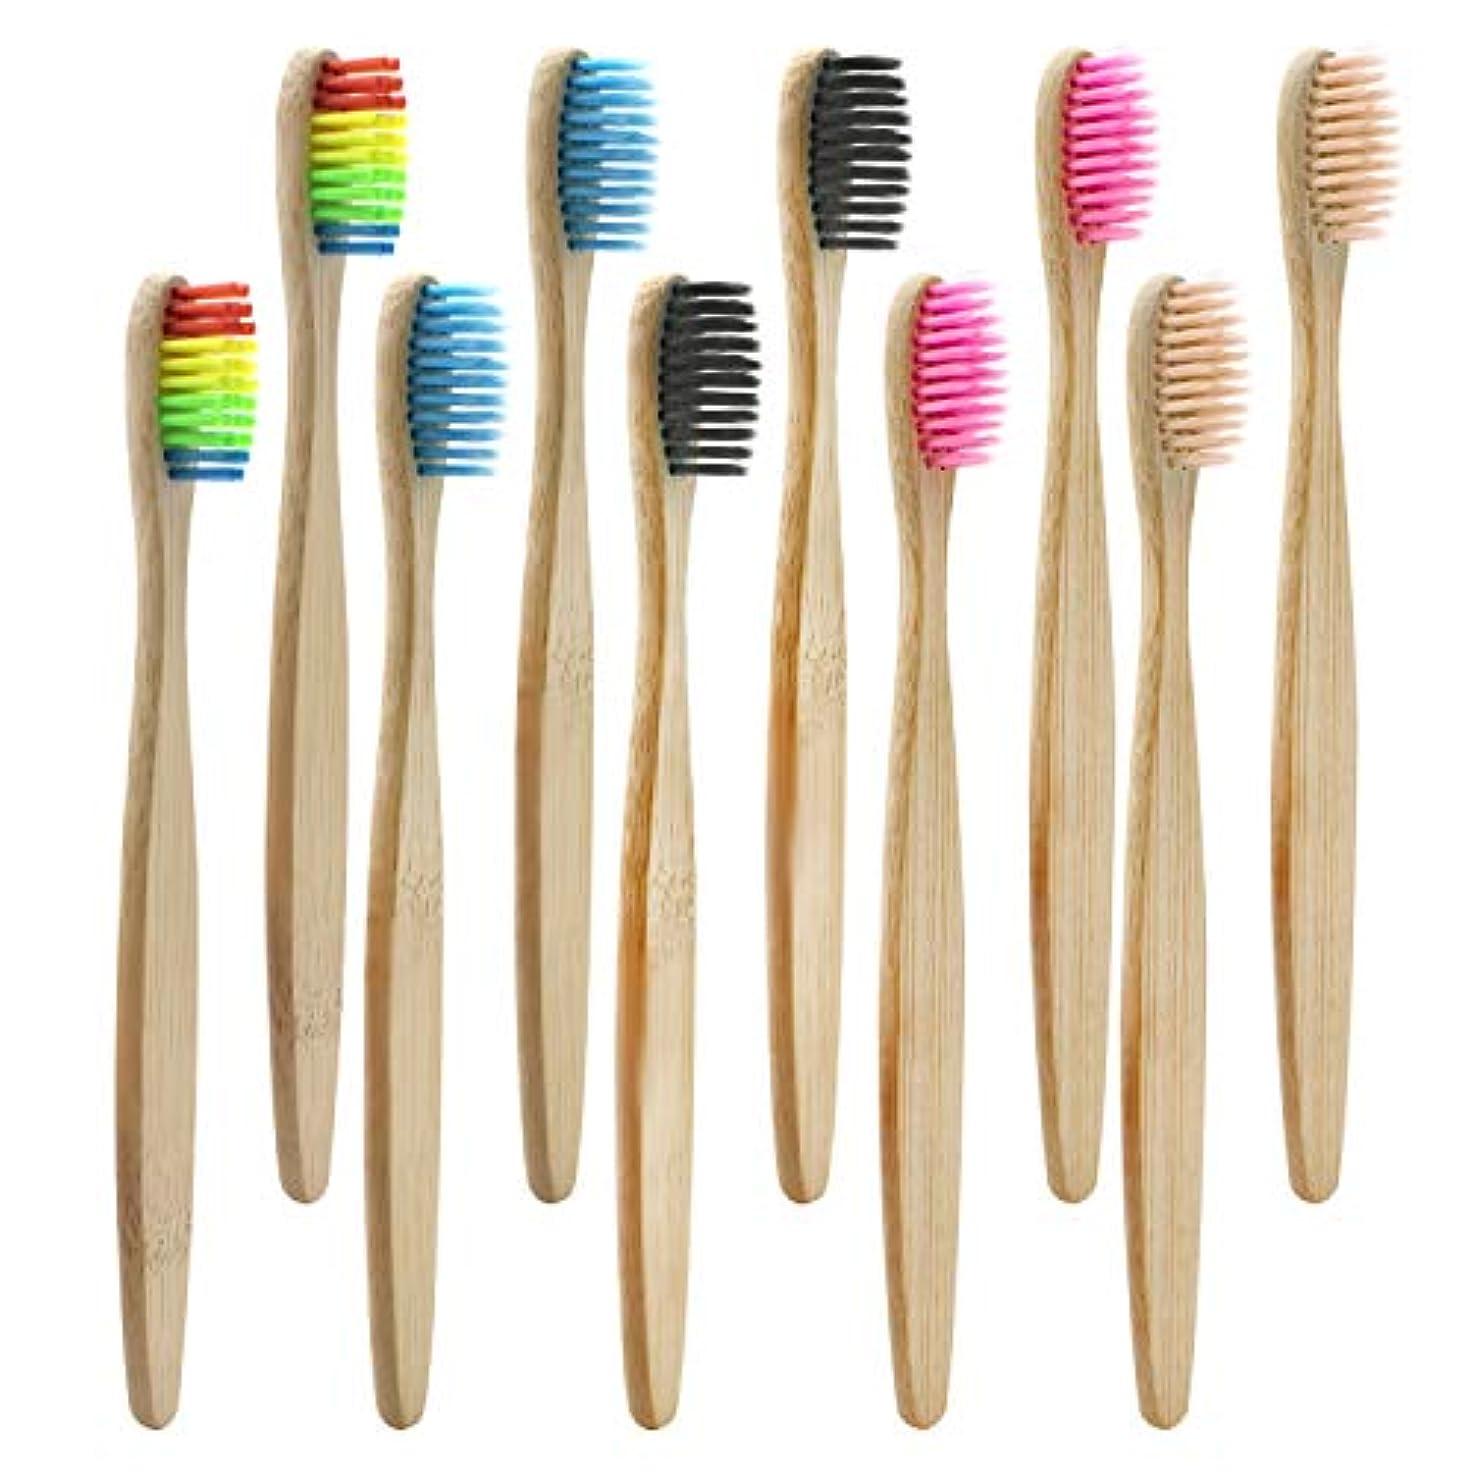 見つけたピックタップDracarys 竹製の歯ブラシ 10本入れ(5色各5本) やわらかめ 細毛 エコ歯ブラシ 自然分解される環境に優しい竹製歯ブラシ 家庭用 旅行用